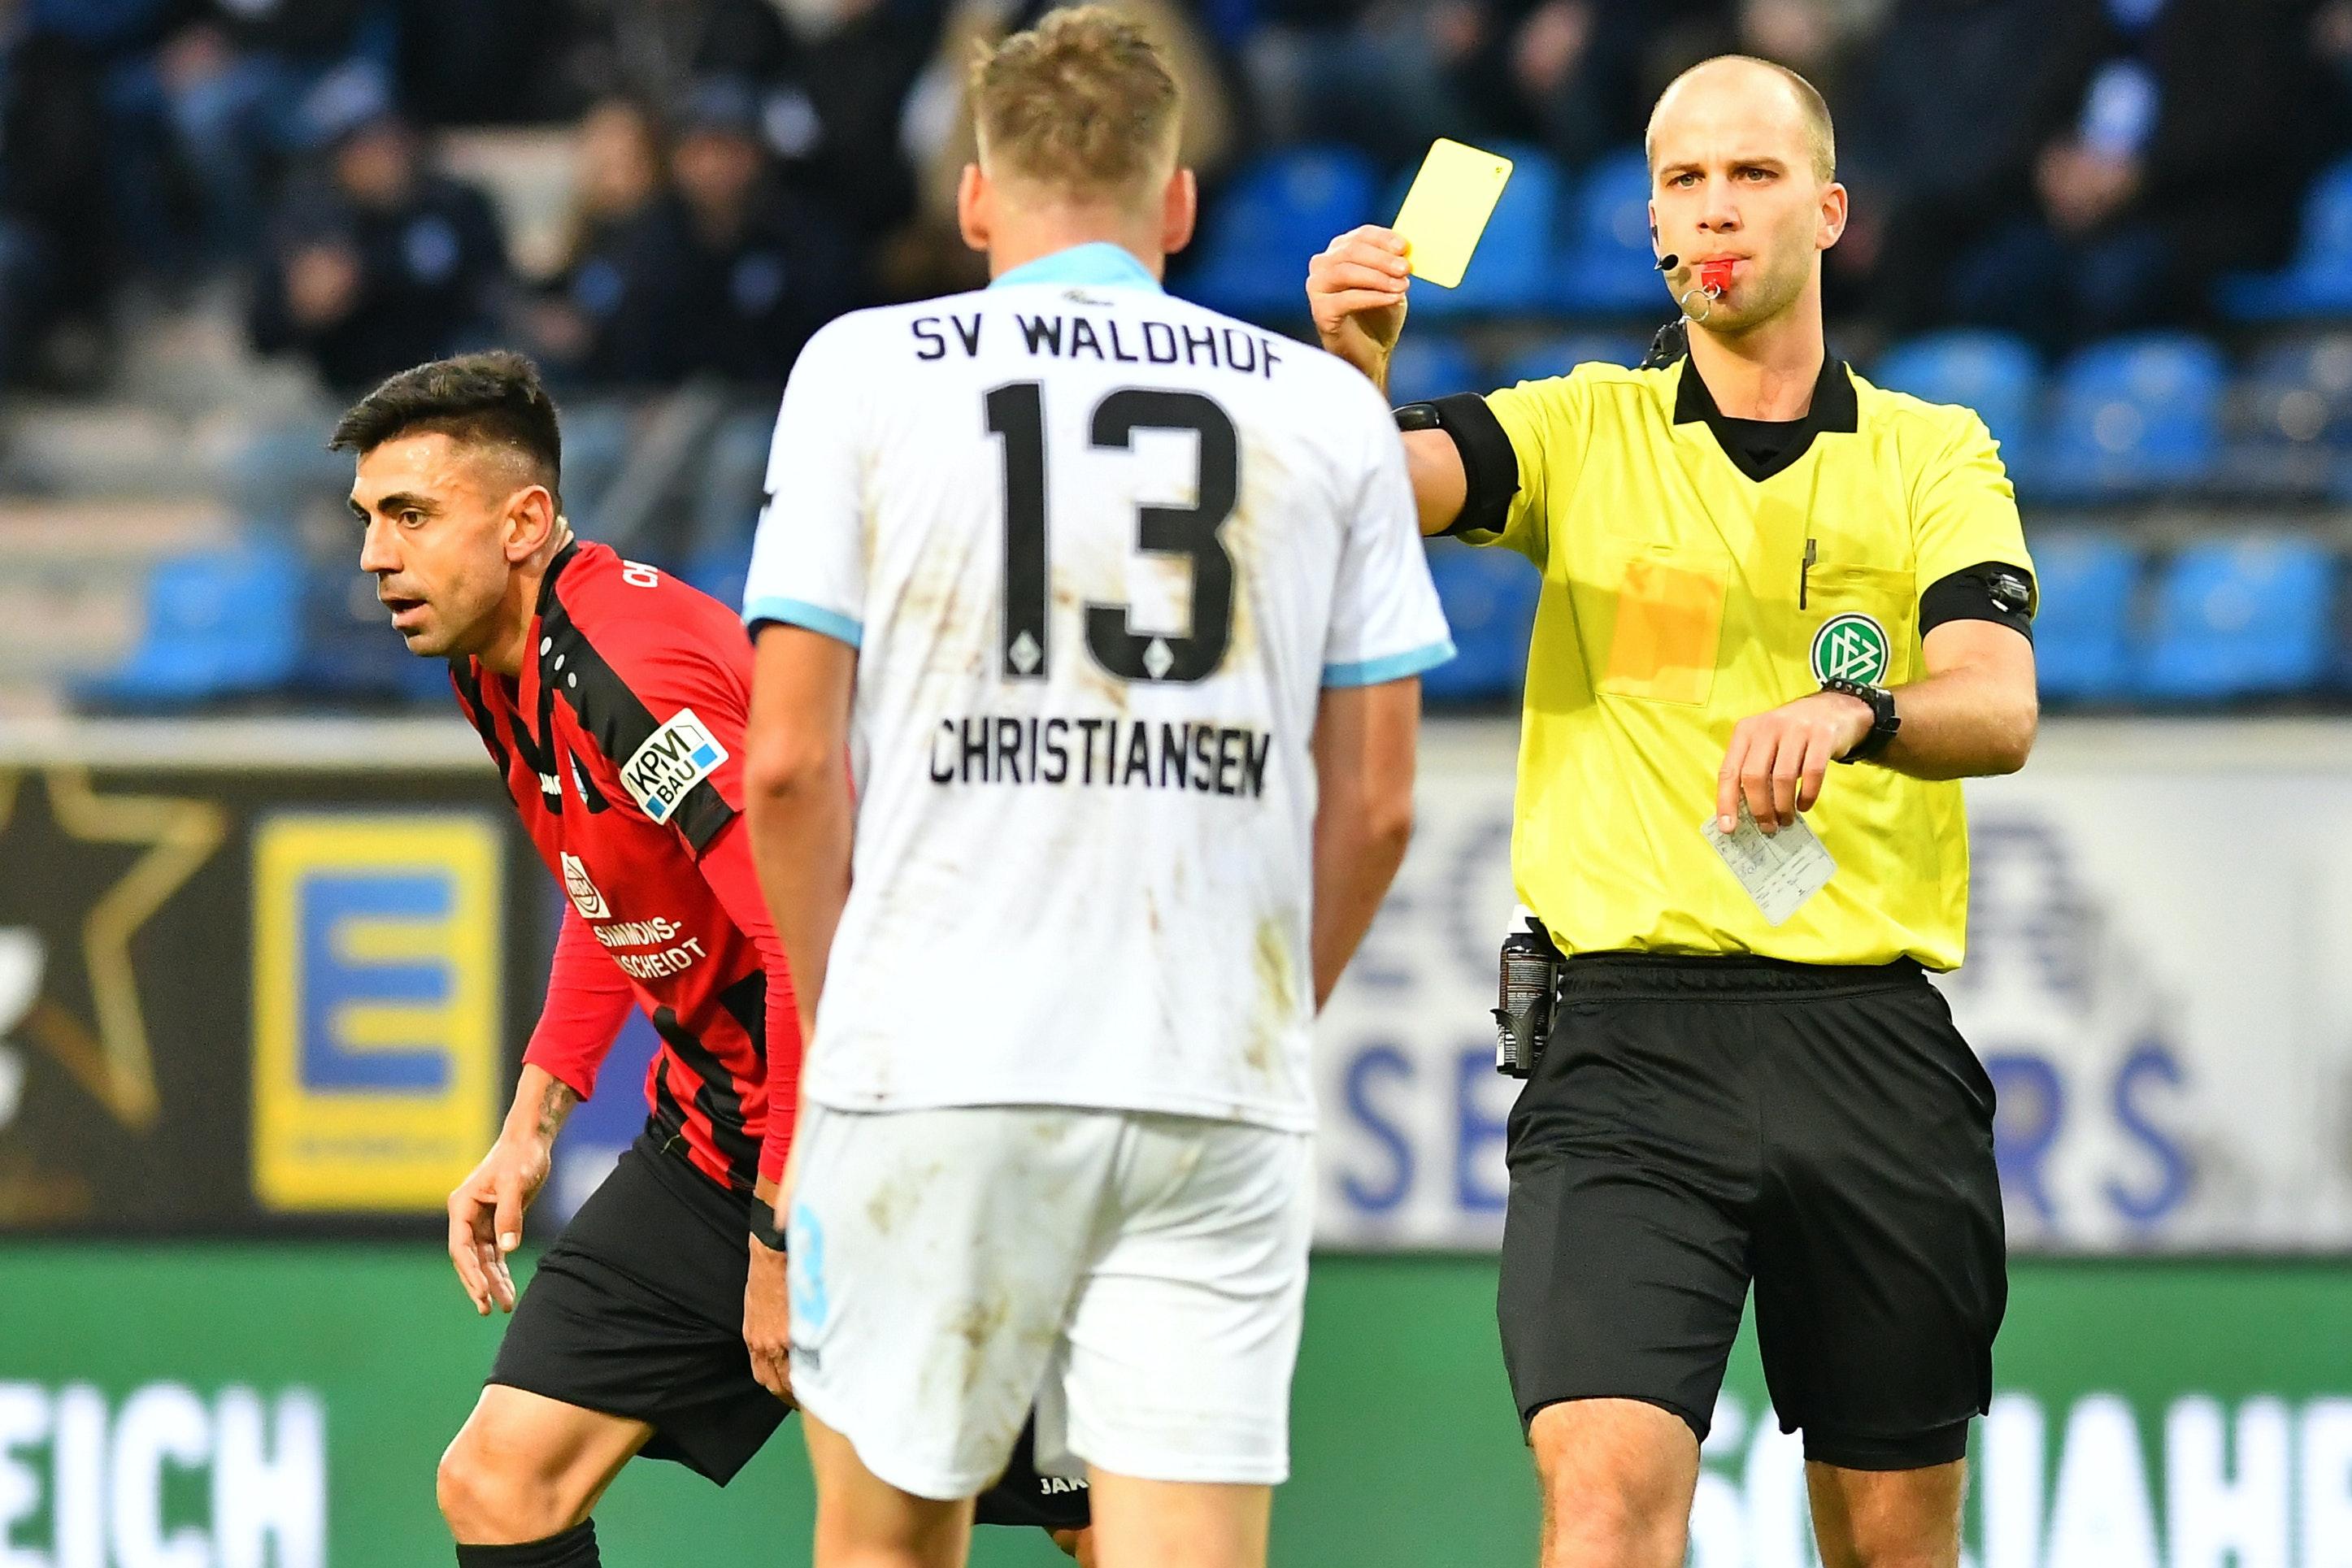 Einsatz in der 3. Liga: Schiedsrichter Franz Bokop zeigt dem Mannheimer Max Christiansen im Spiel gegen den Chemnitzer FC die Gelbe Karte. Das war noch vor Corona. Foto: nph/Fabisch